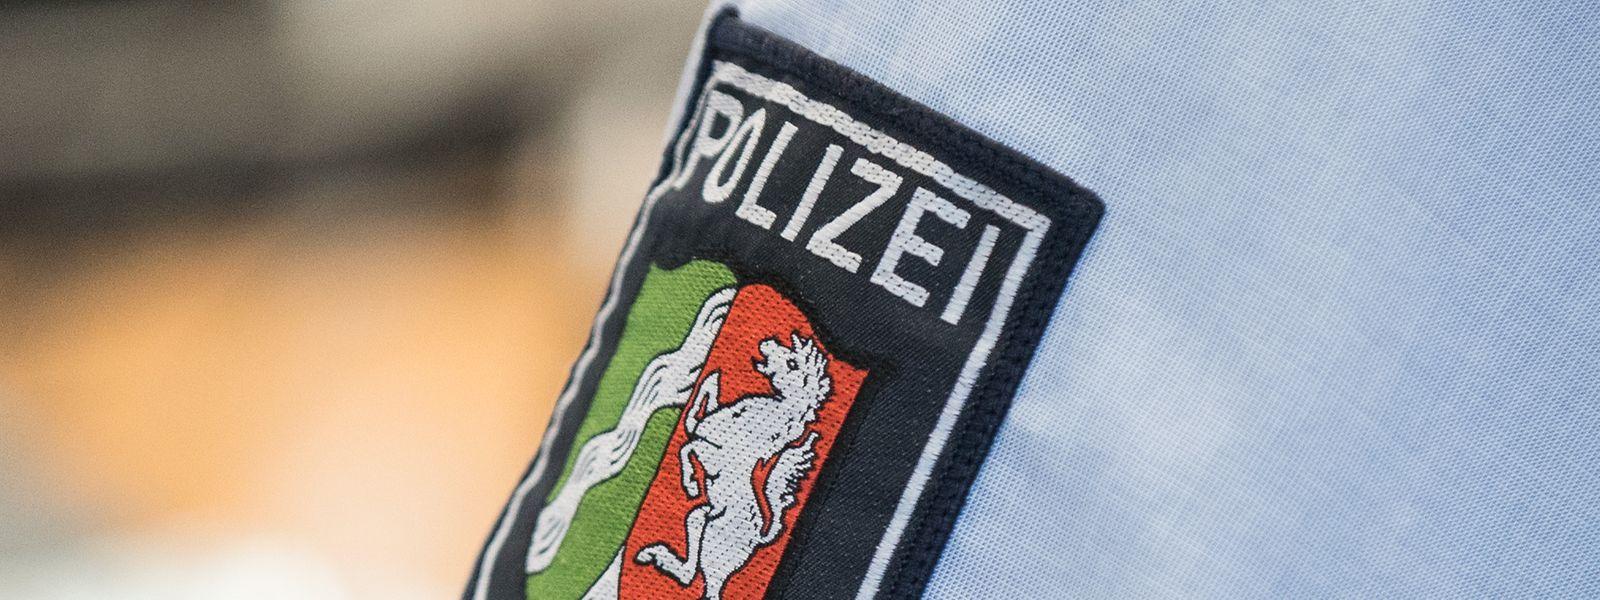 Ein Abzeichen der nordrhein-westfälischen Polizei, fotografiert auf einem Hemd in der Landesleitstelle der Polizei.